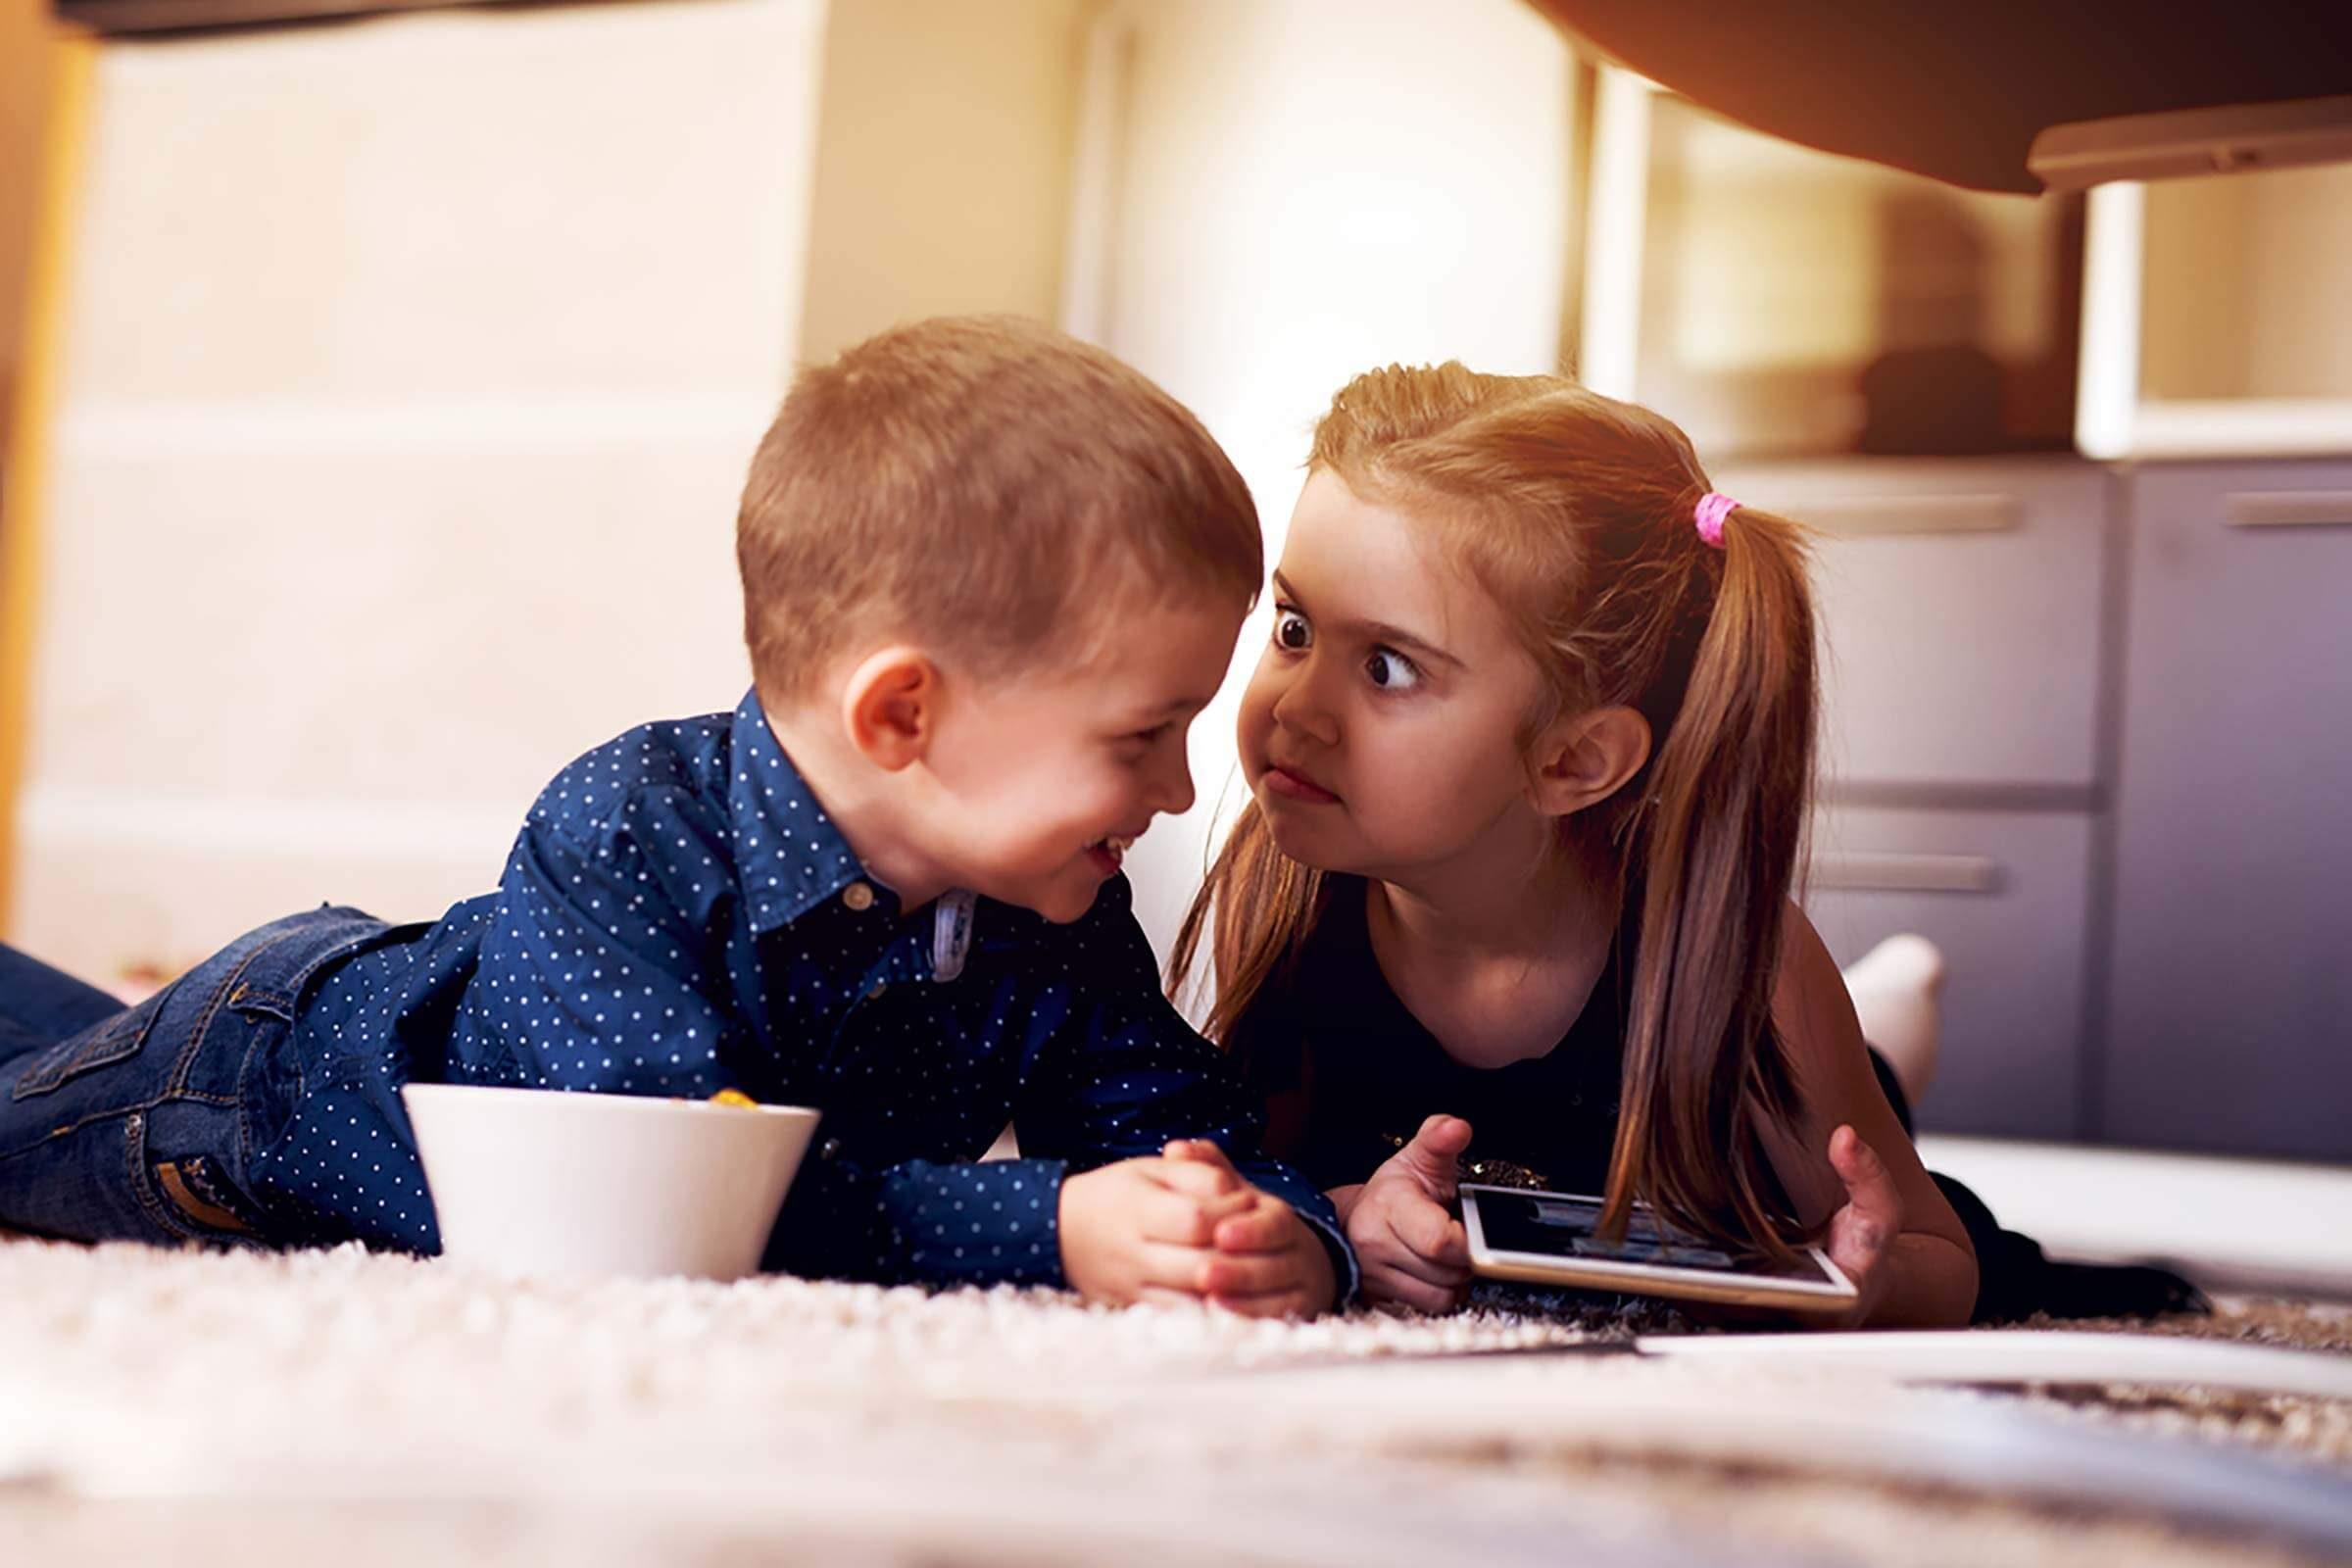 Famille Monoparentale : Mes enfants n'ont pas le choix d'être indépendants